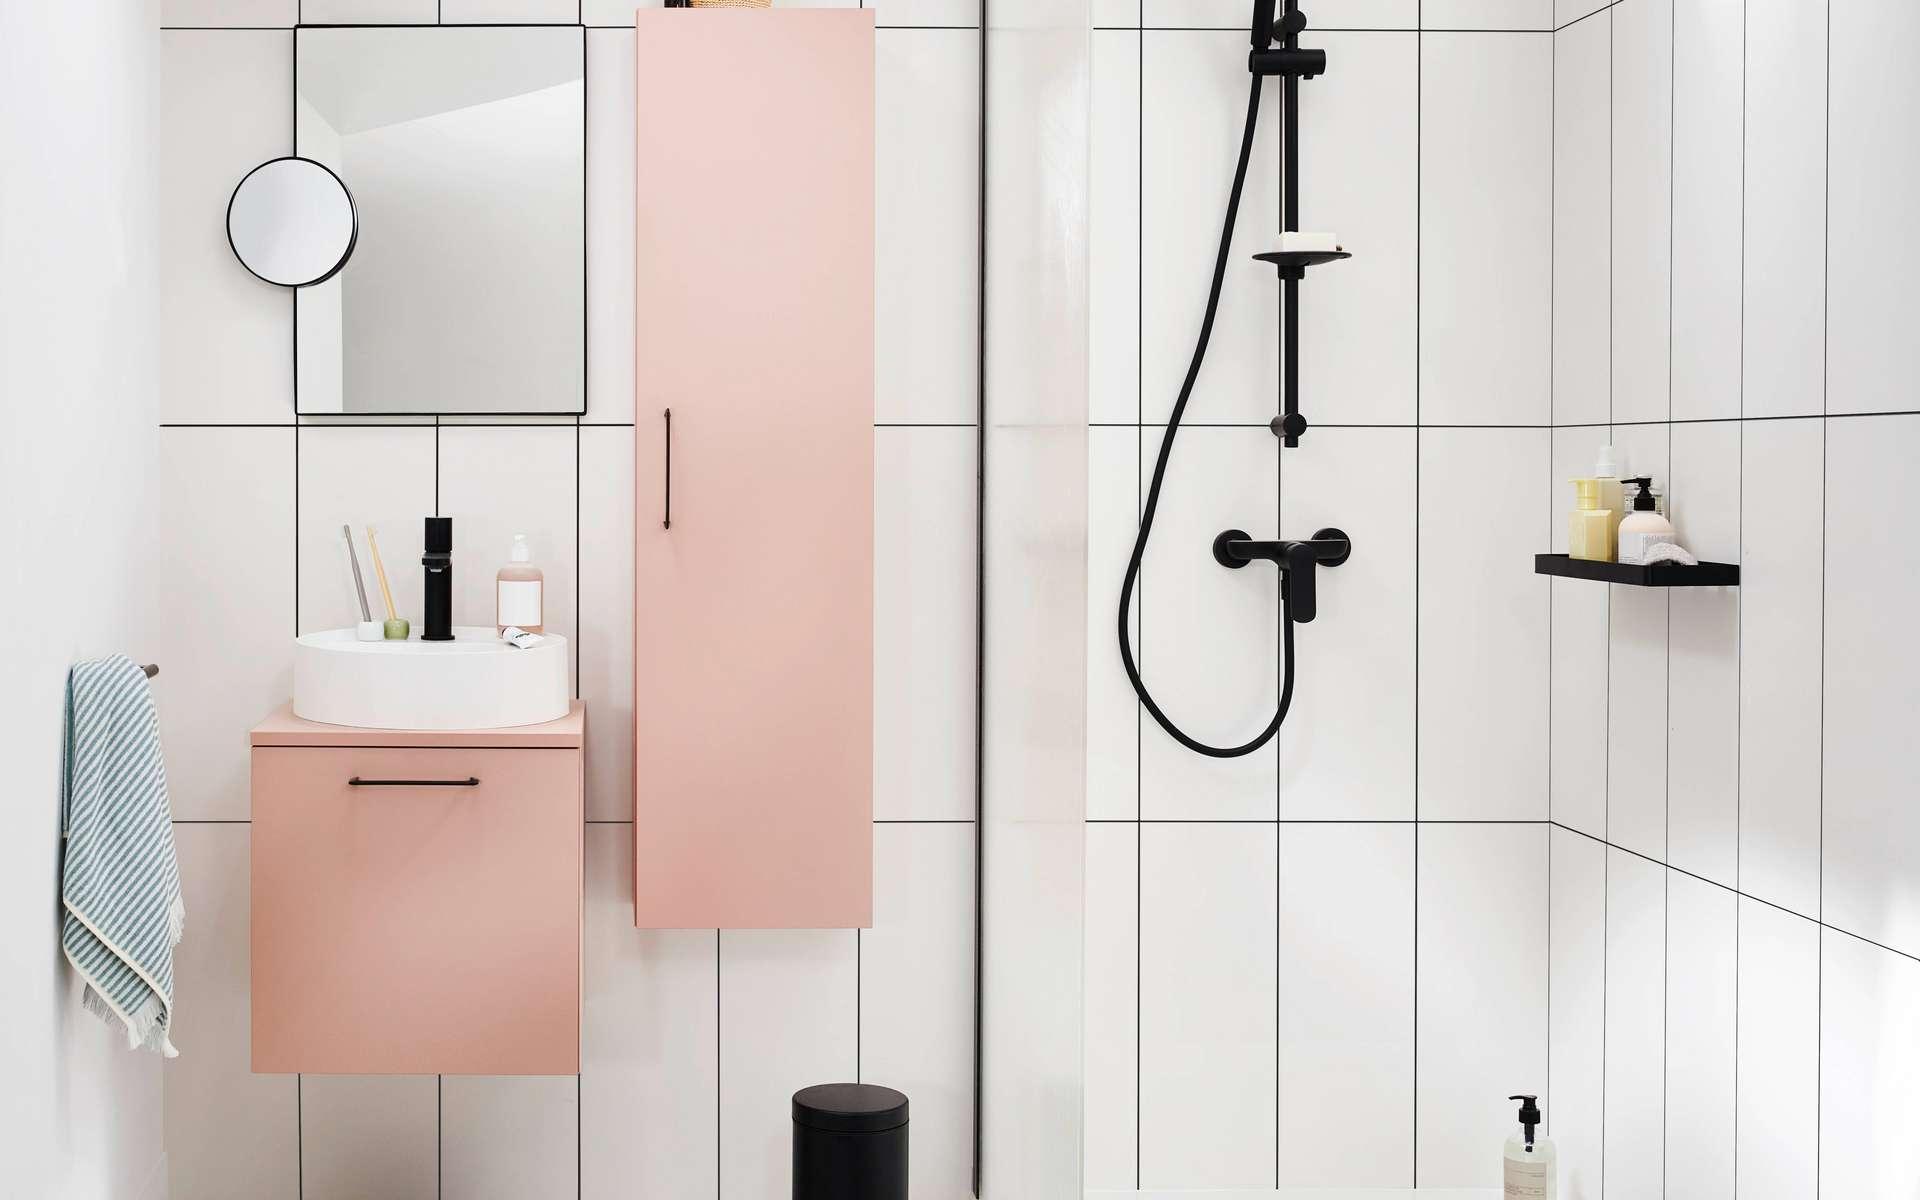 Épurée, minimaliste mais agréable et fonctionnelle, la salle de bains 2021 offre un espace de détente où il fait bon prendre soin de soi et ce quelle que soit sa surface. © Lapeyre